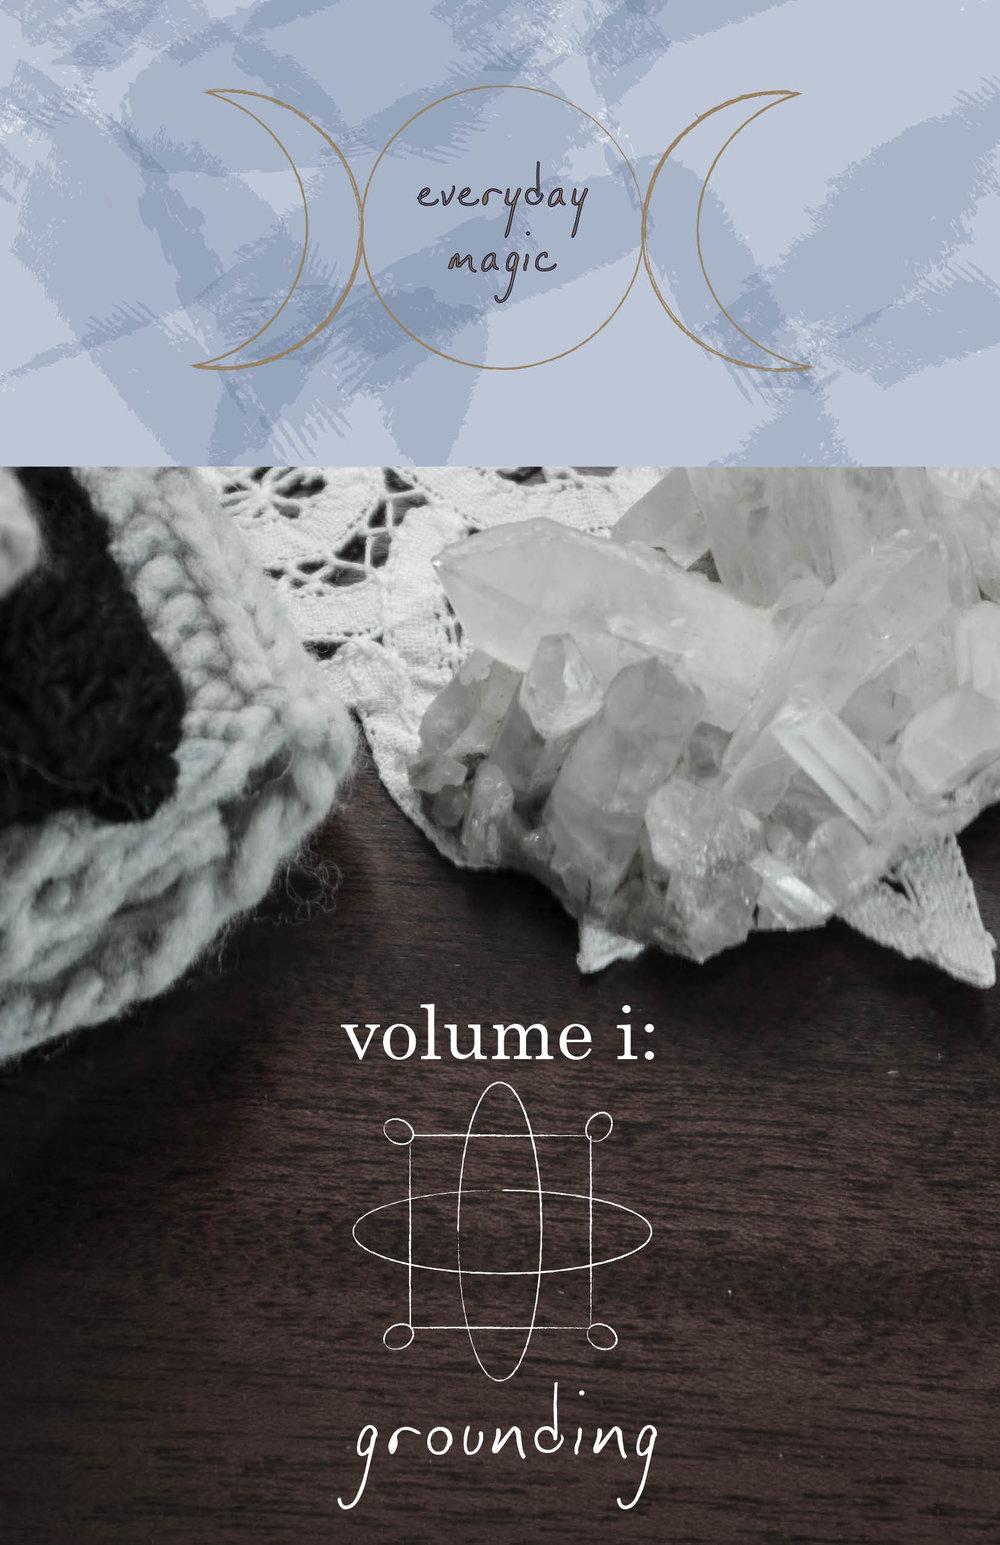 volume i cover.jpg